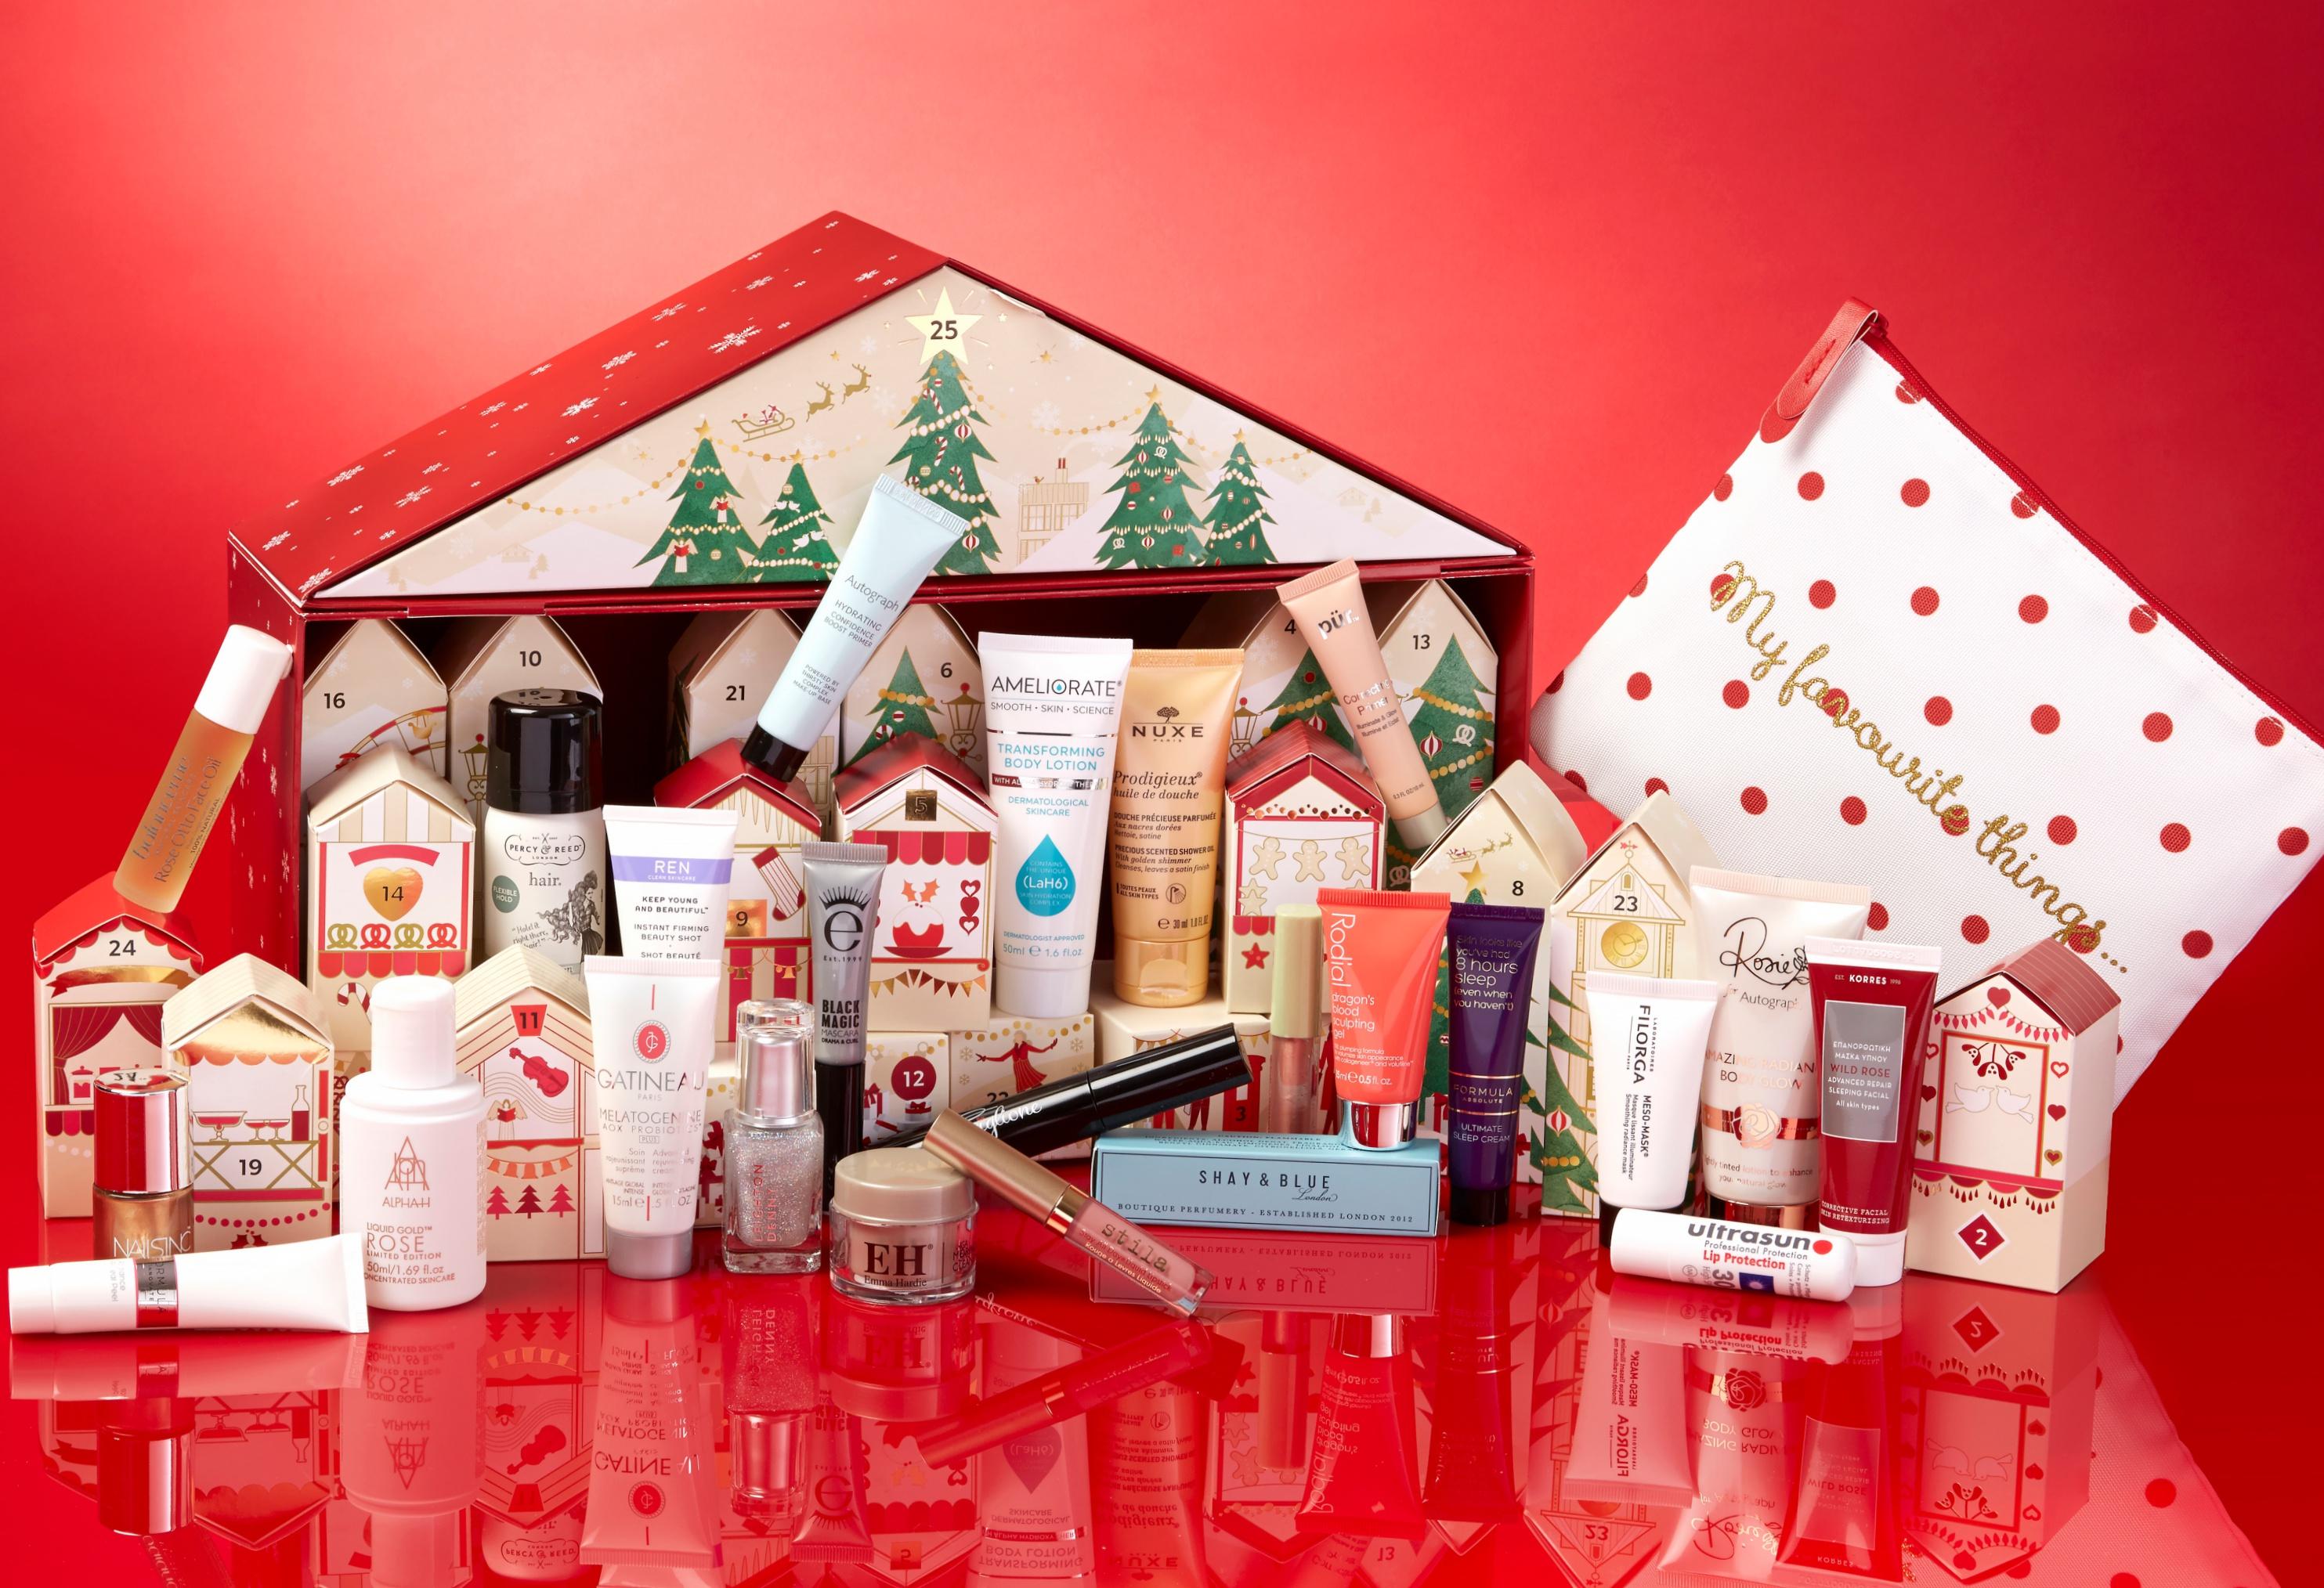 Купить новогоднюю косметику пудра люкс эйвон чистый шелк